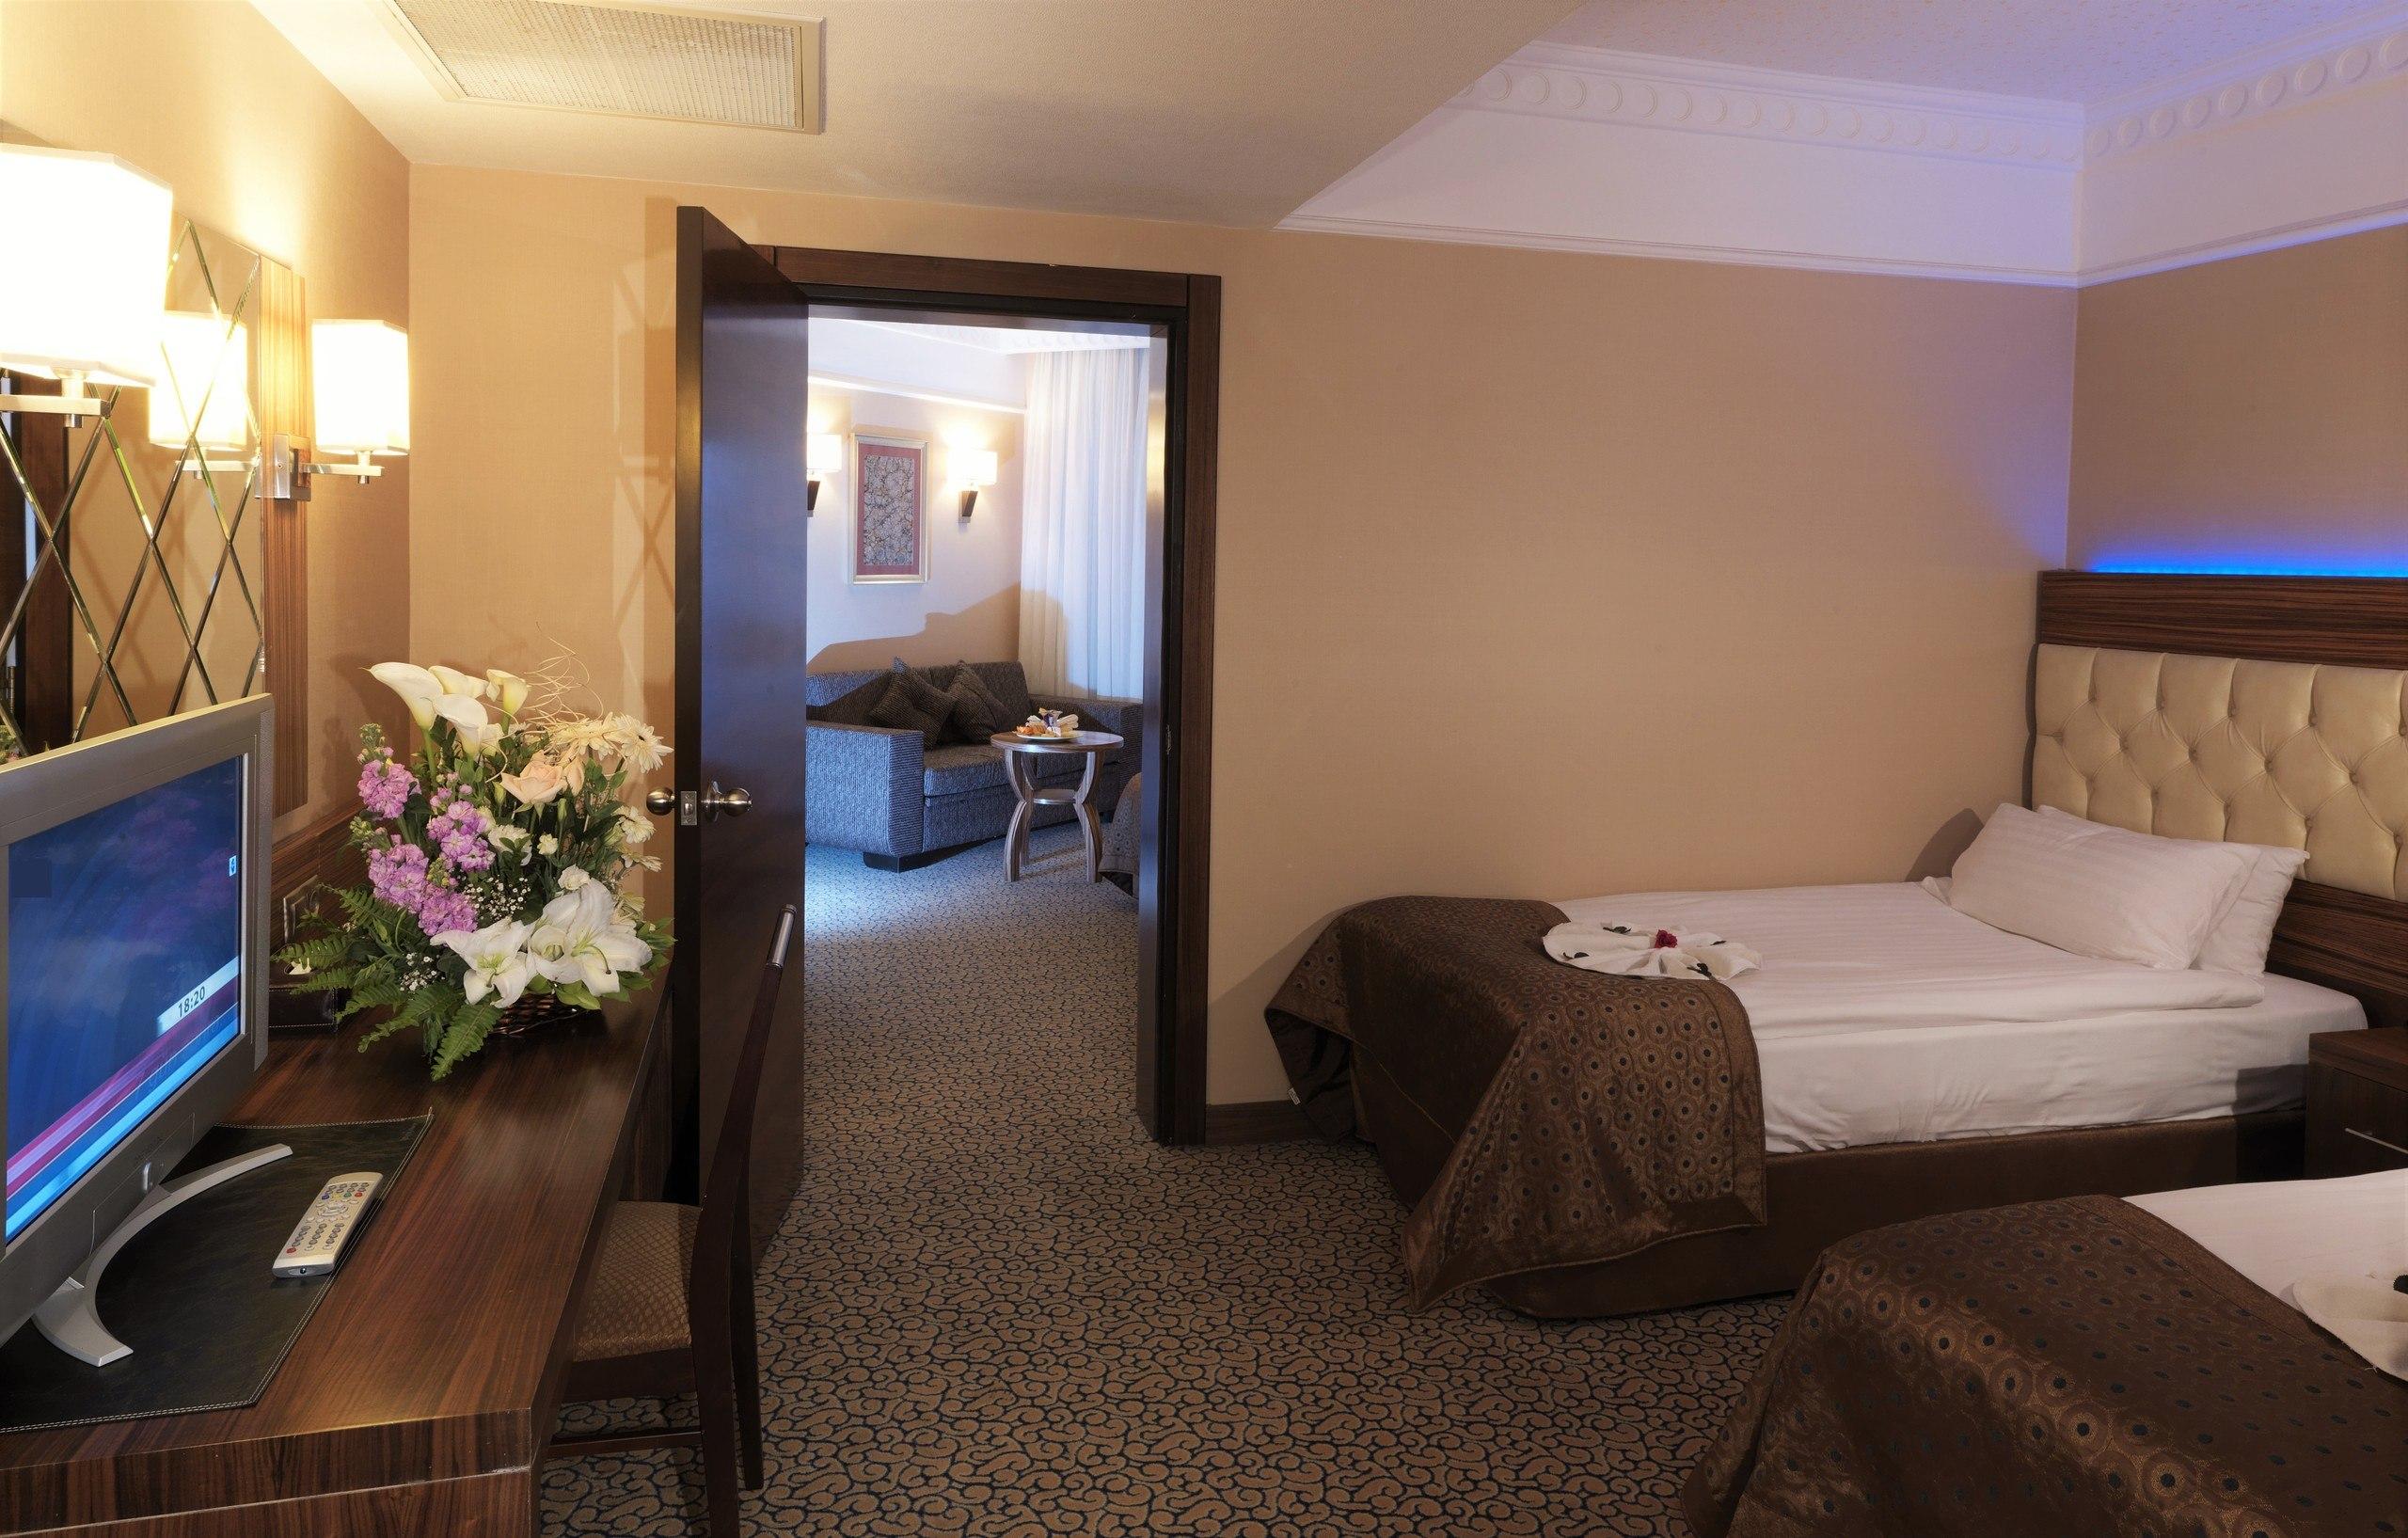 BERA HOTEL249366